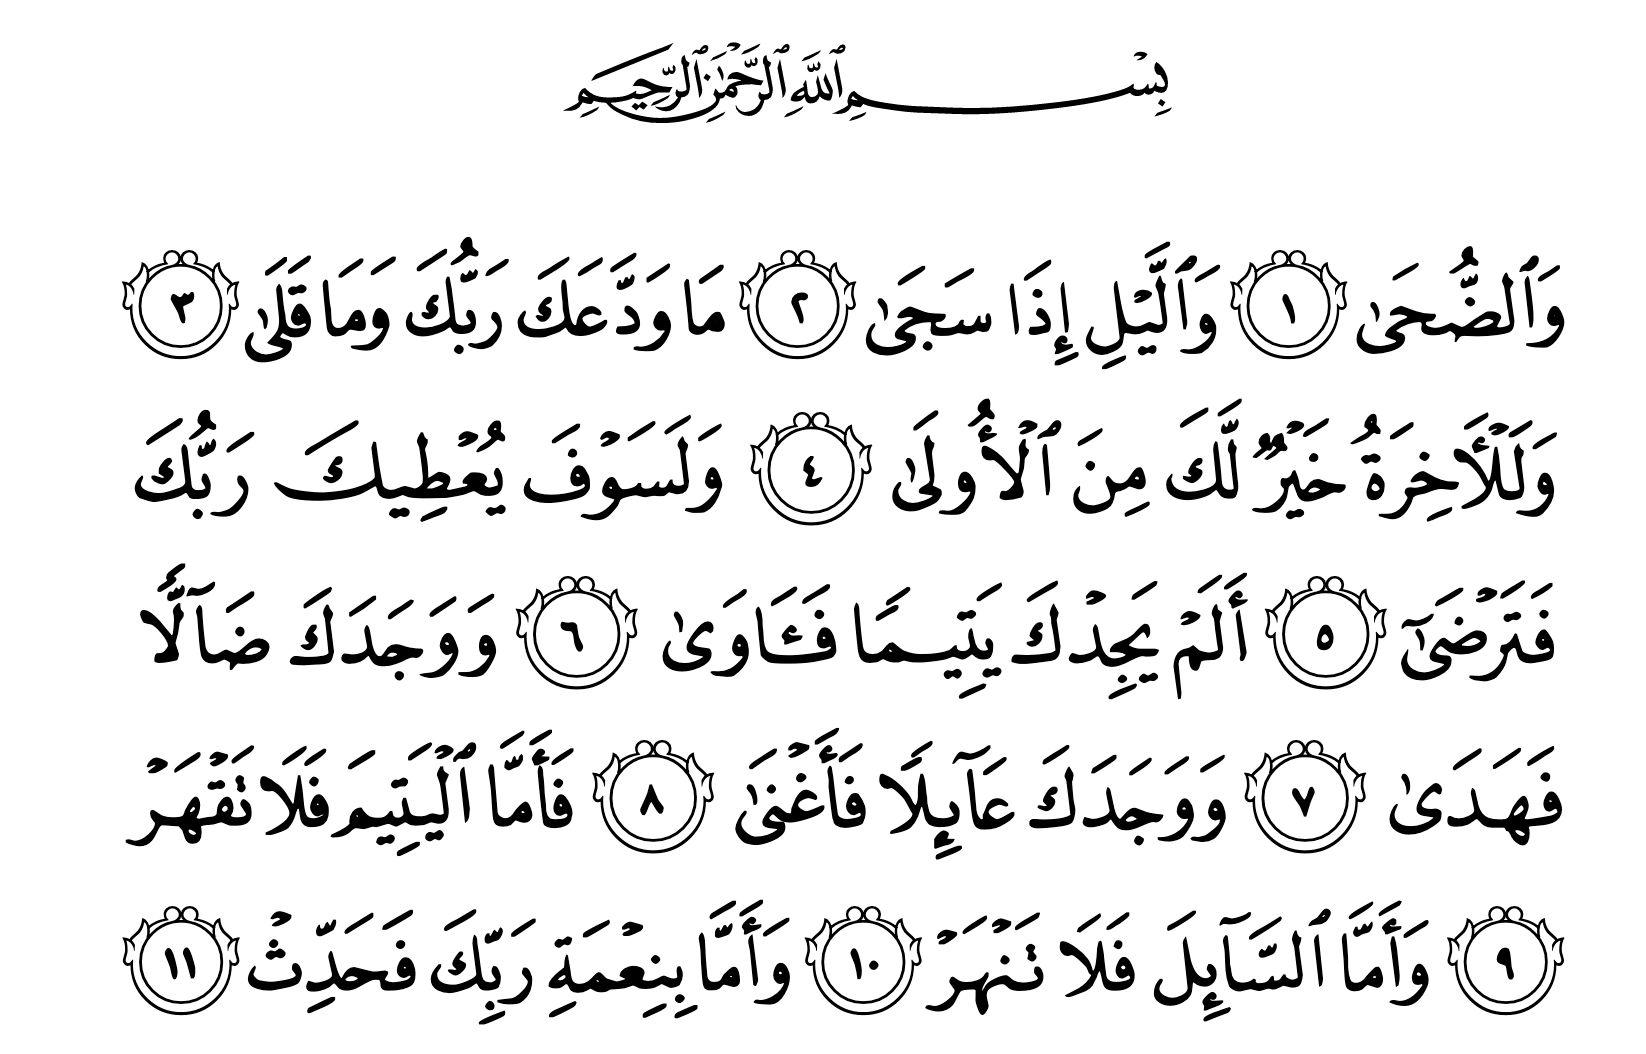 Surat Ad-Duhaa (kredit: Quran.com)